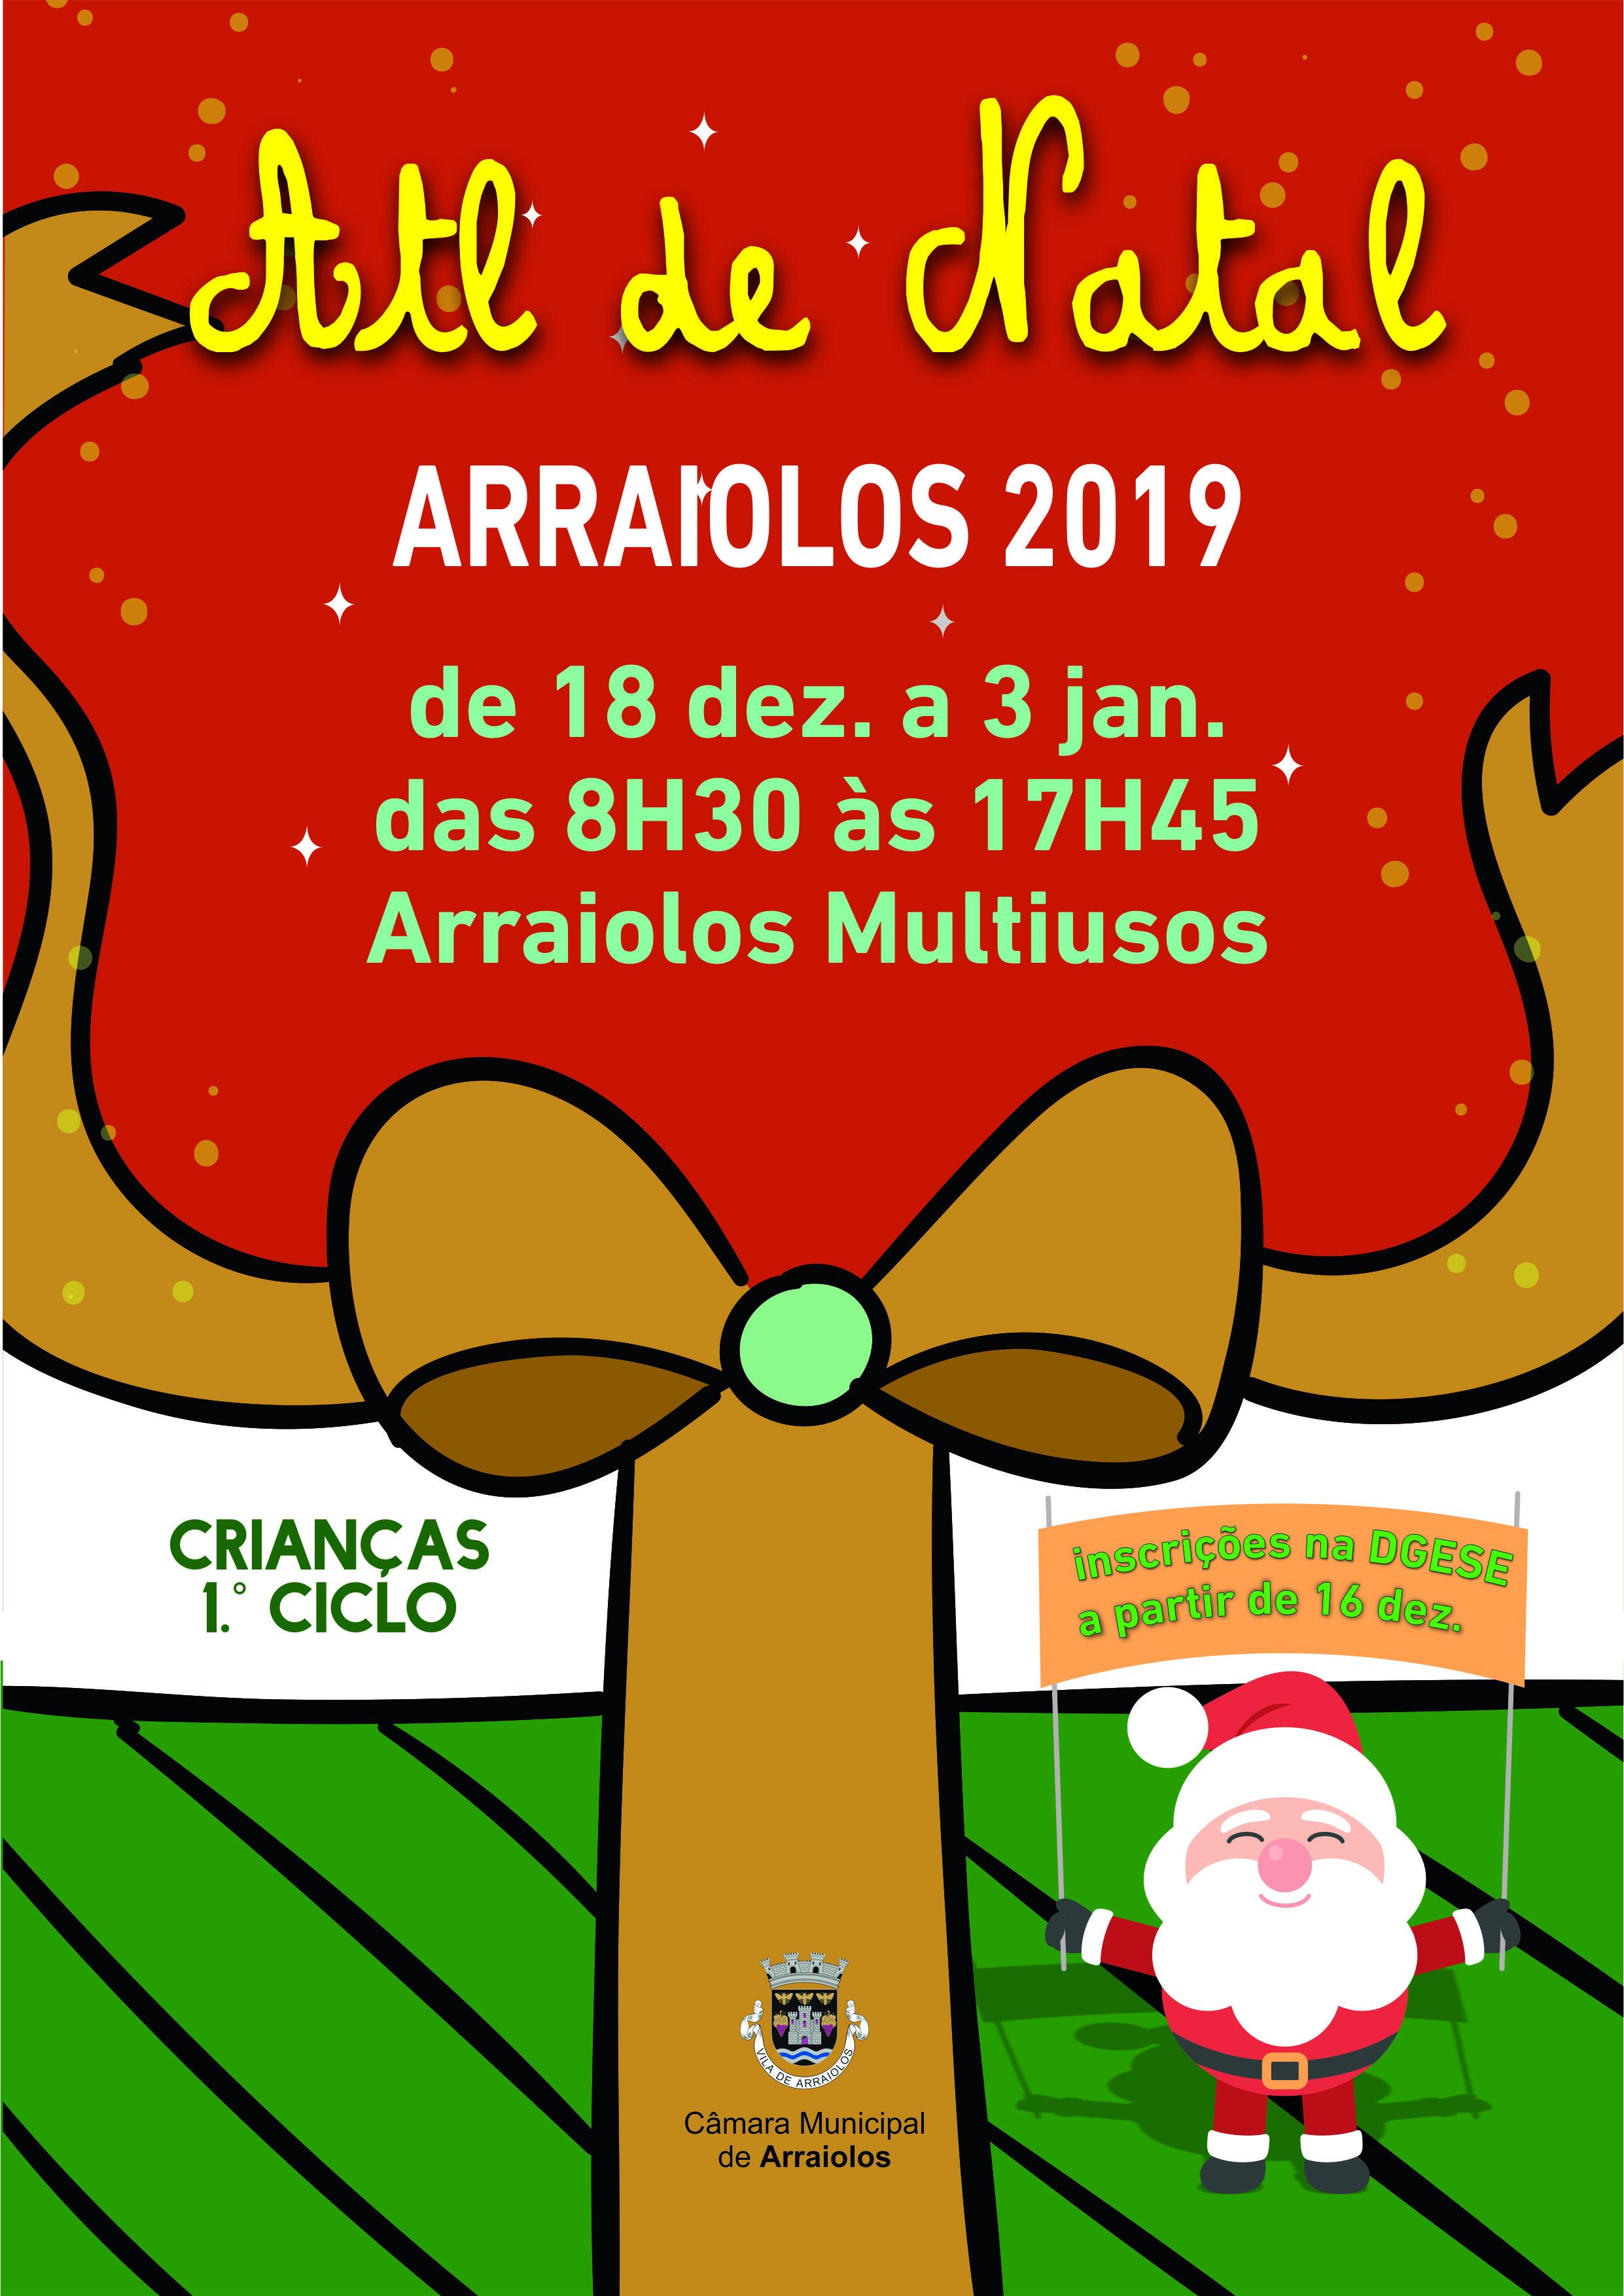 ATL natal 2019.jpg